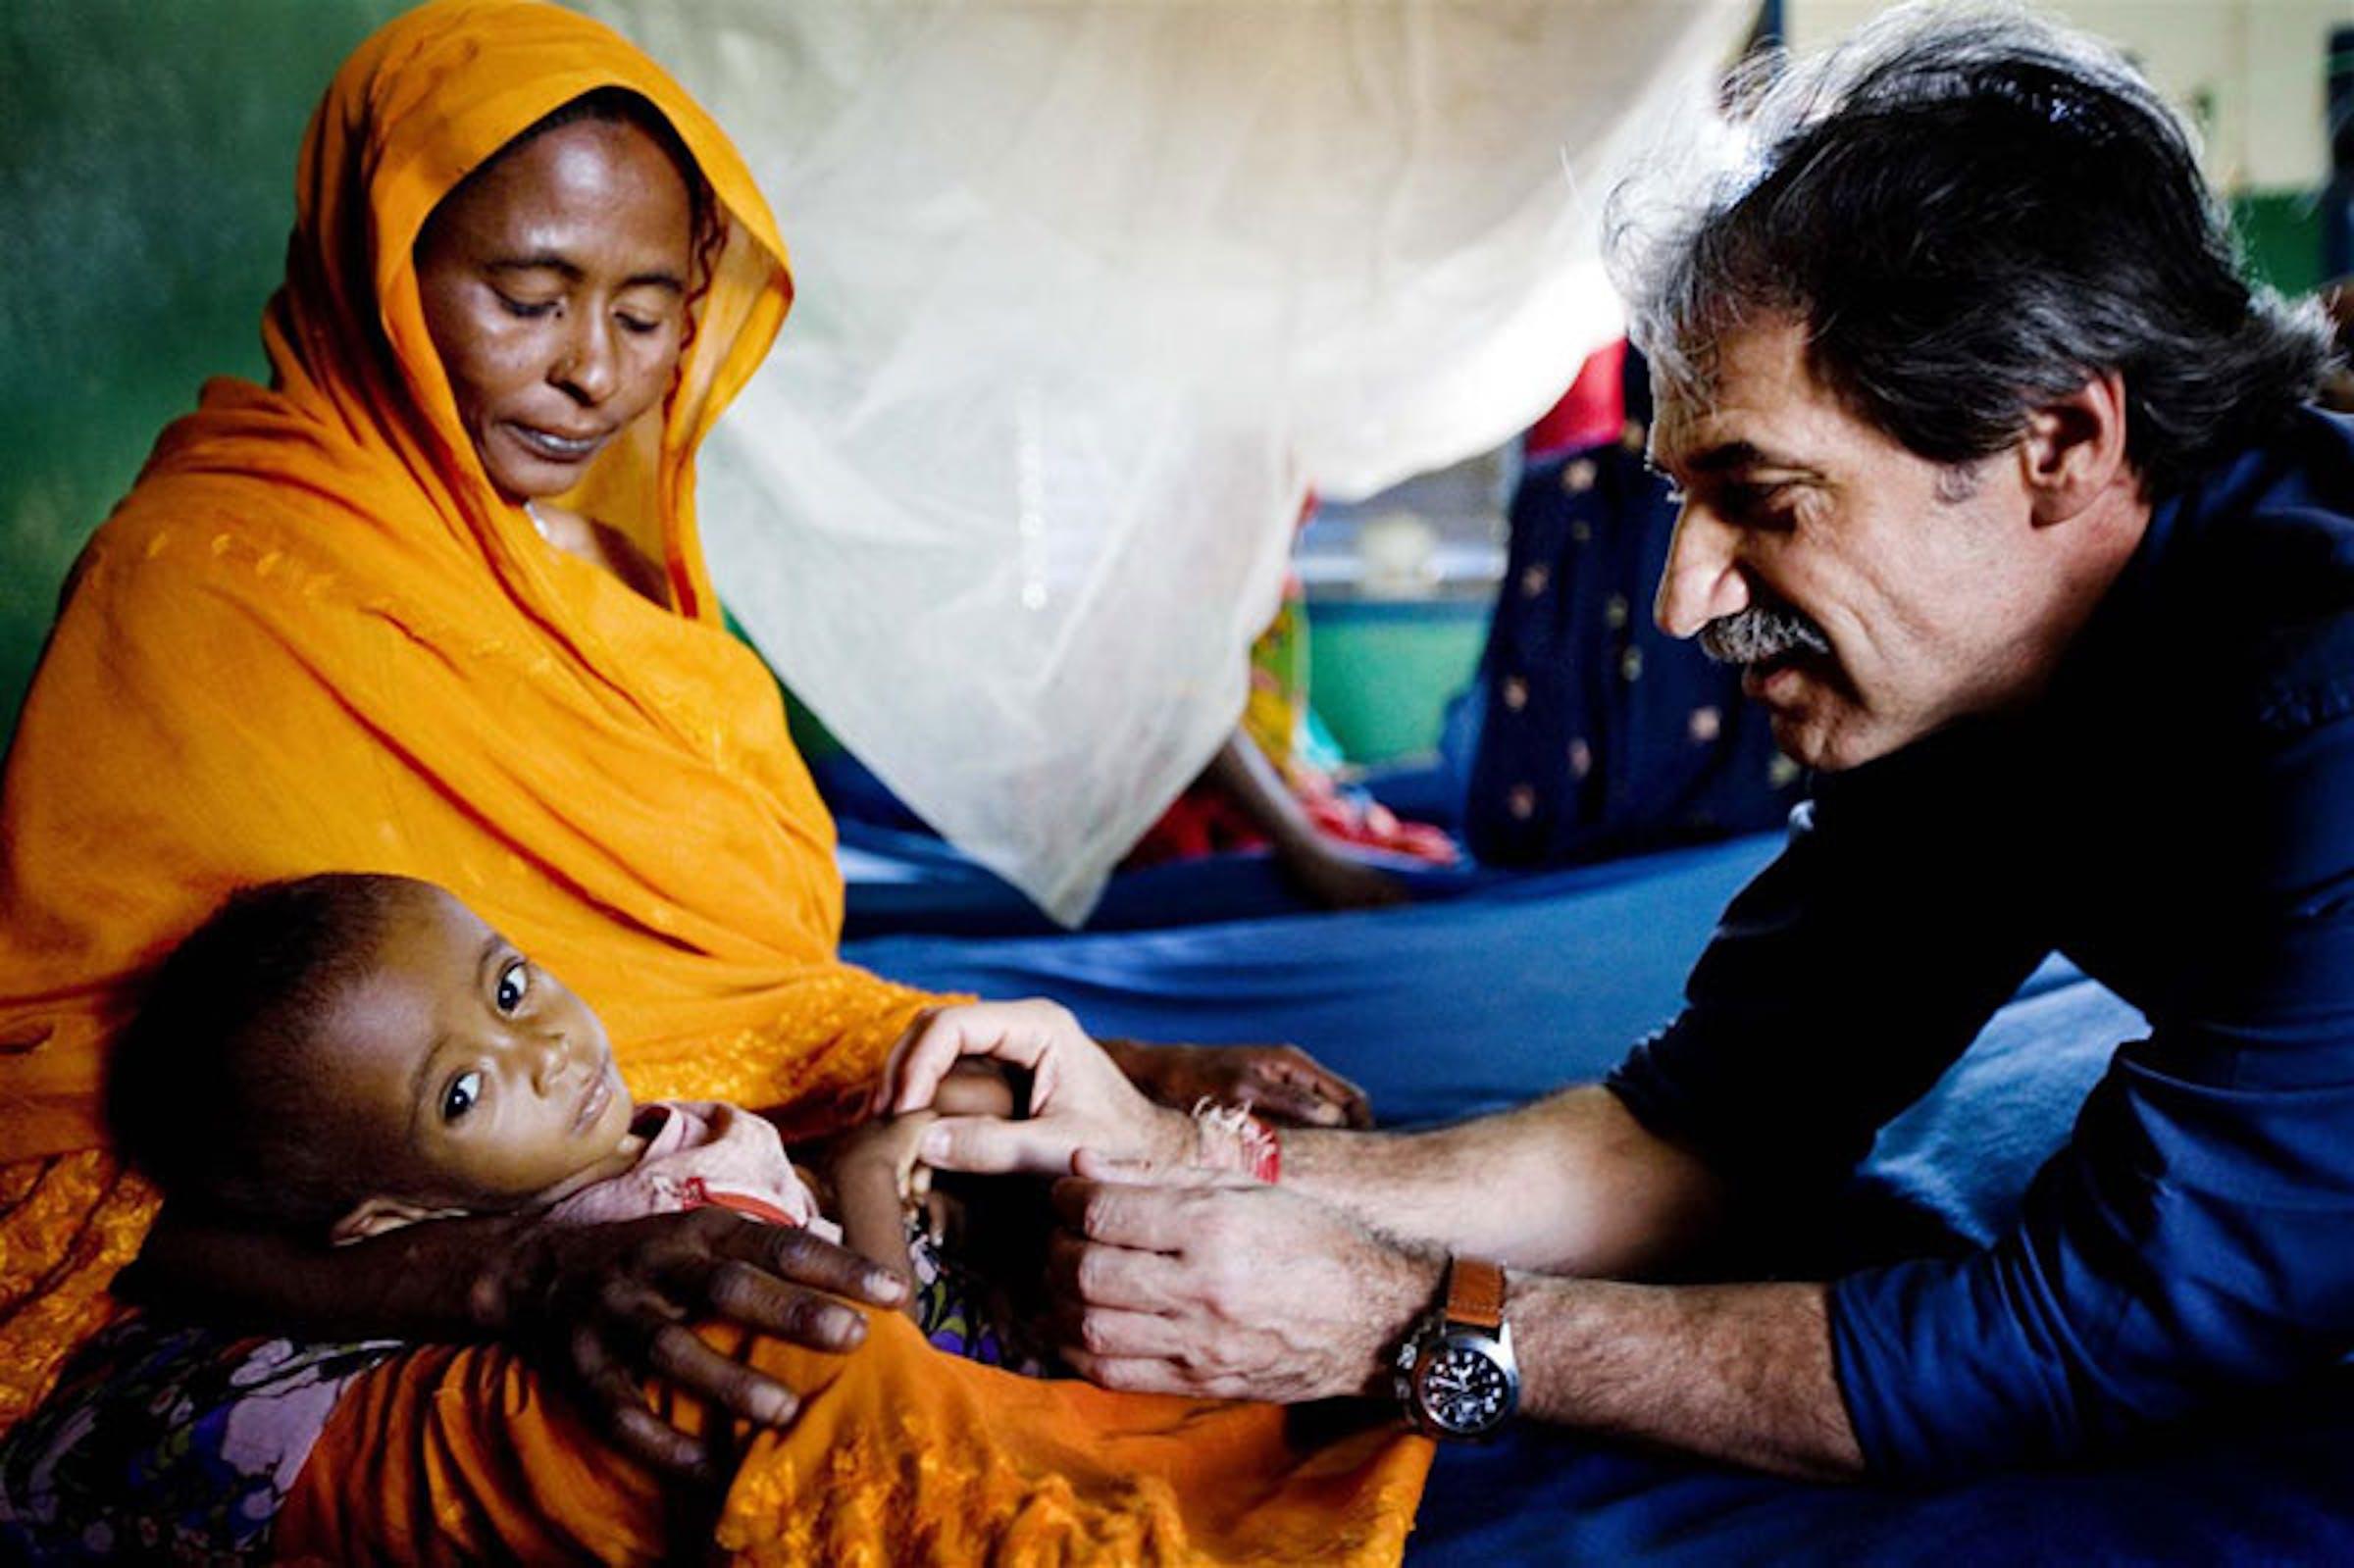 Marzio Babille (pediatra italiano dell'UNICEF) visita un bambino gravemente malnutrito in un ambulatorio in Ciad - ©UNICEF/NYHQ2010-0401/K.Holt